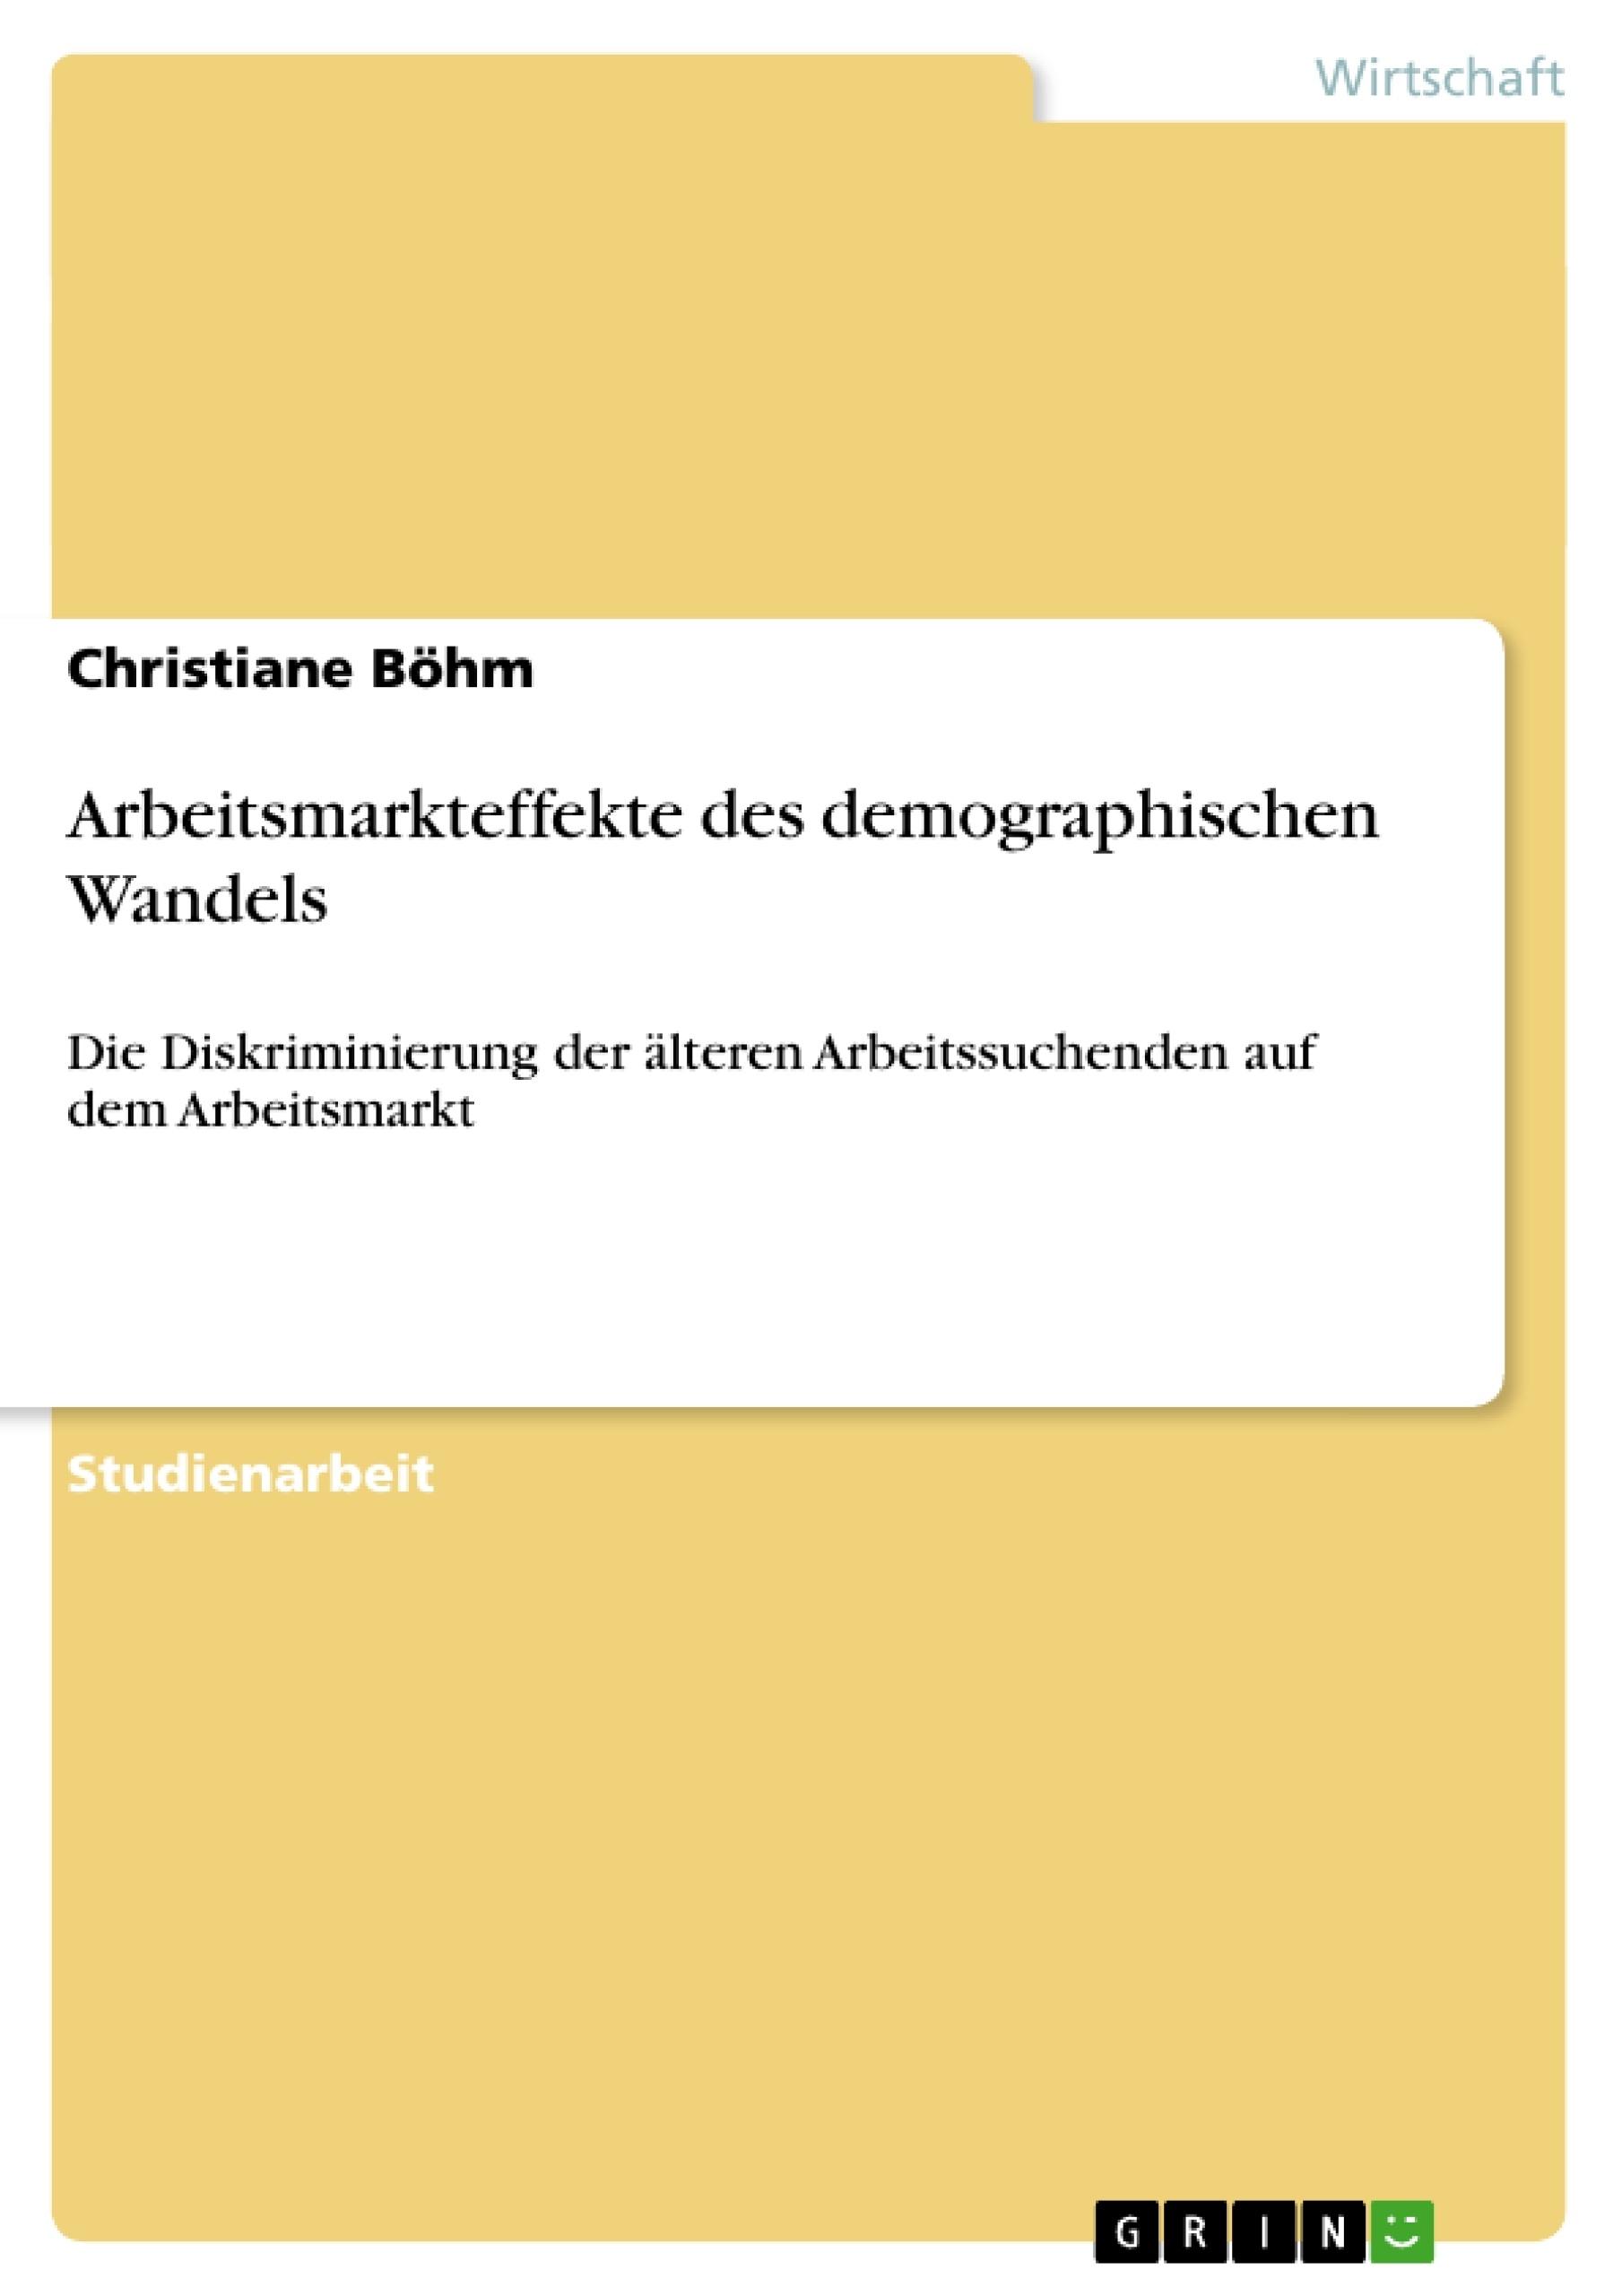 Titel: Arbeitsmarkteffekte des demographischen Wandels